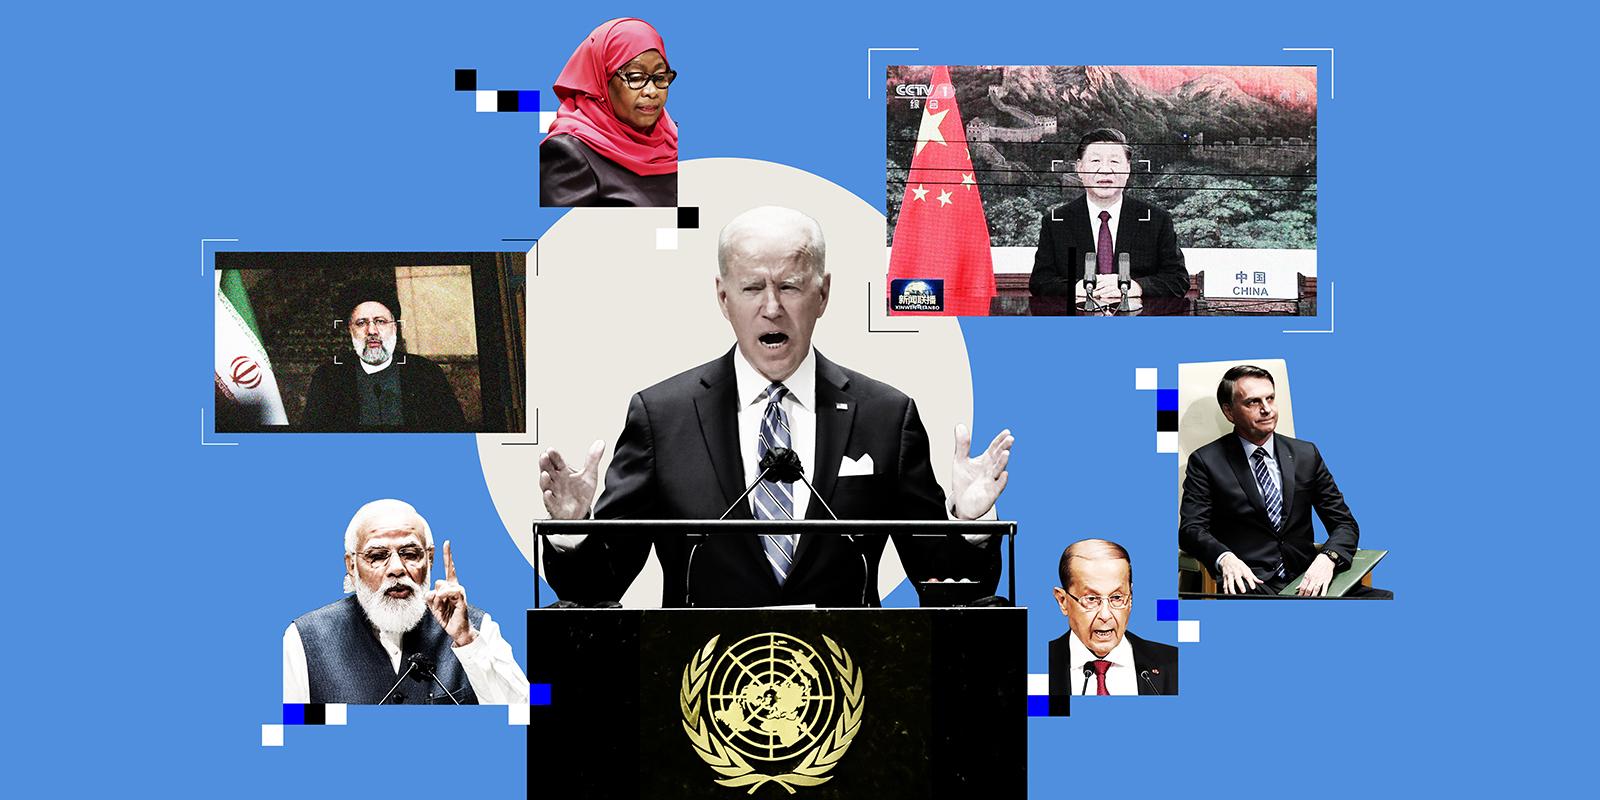 UN-most-important-speeches-biden-xi-modi-raisi-suluhu-bolsonaro-wide